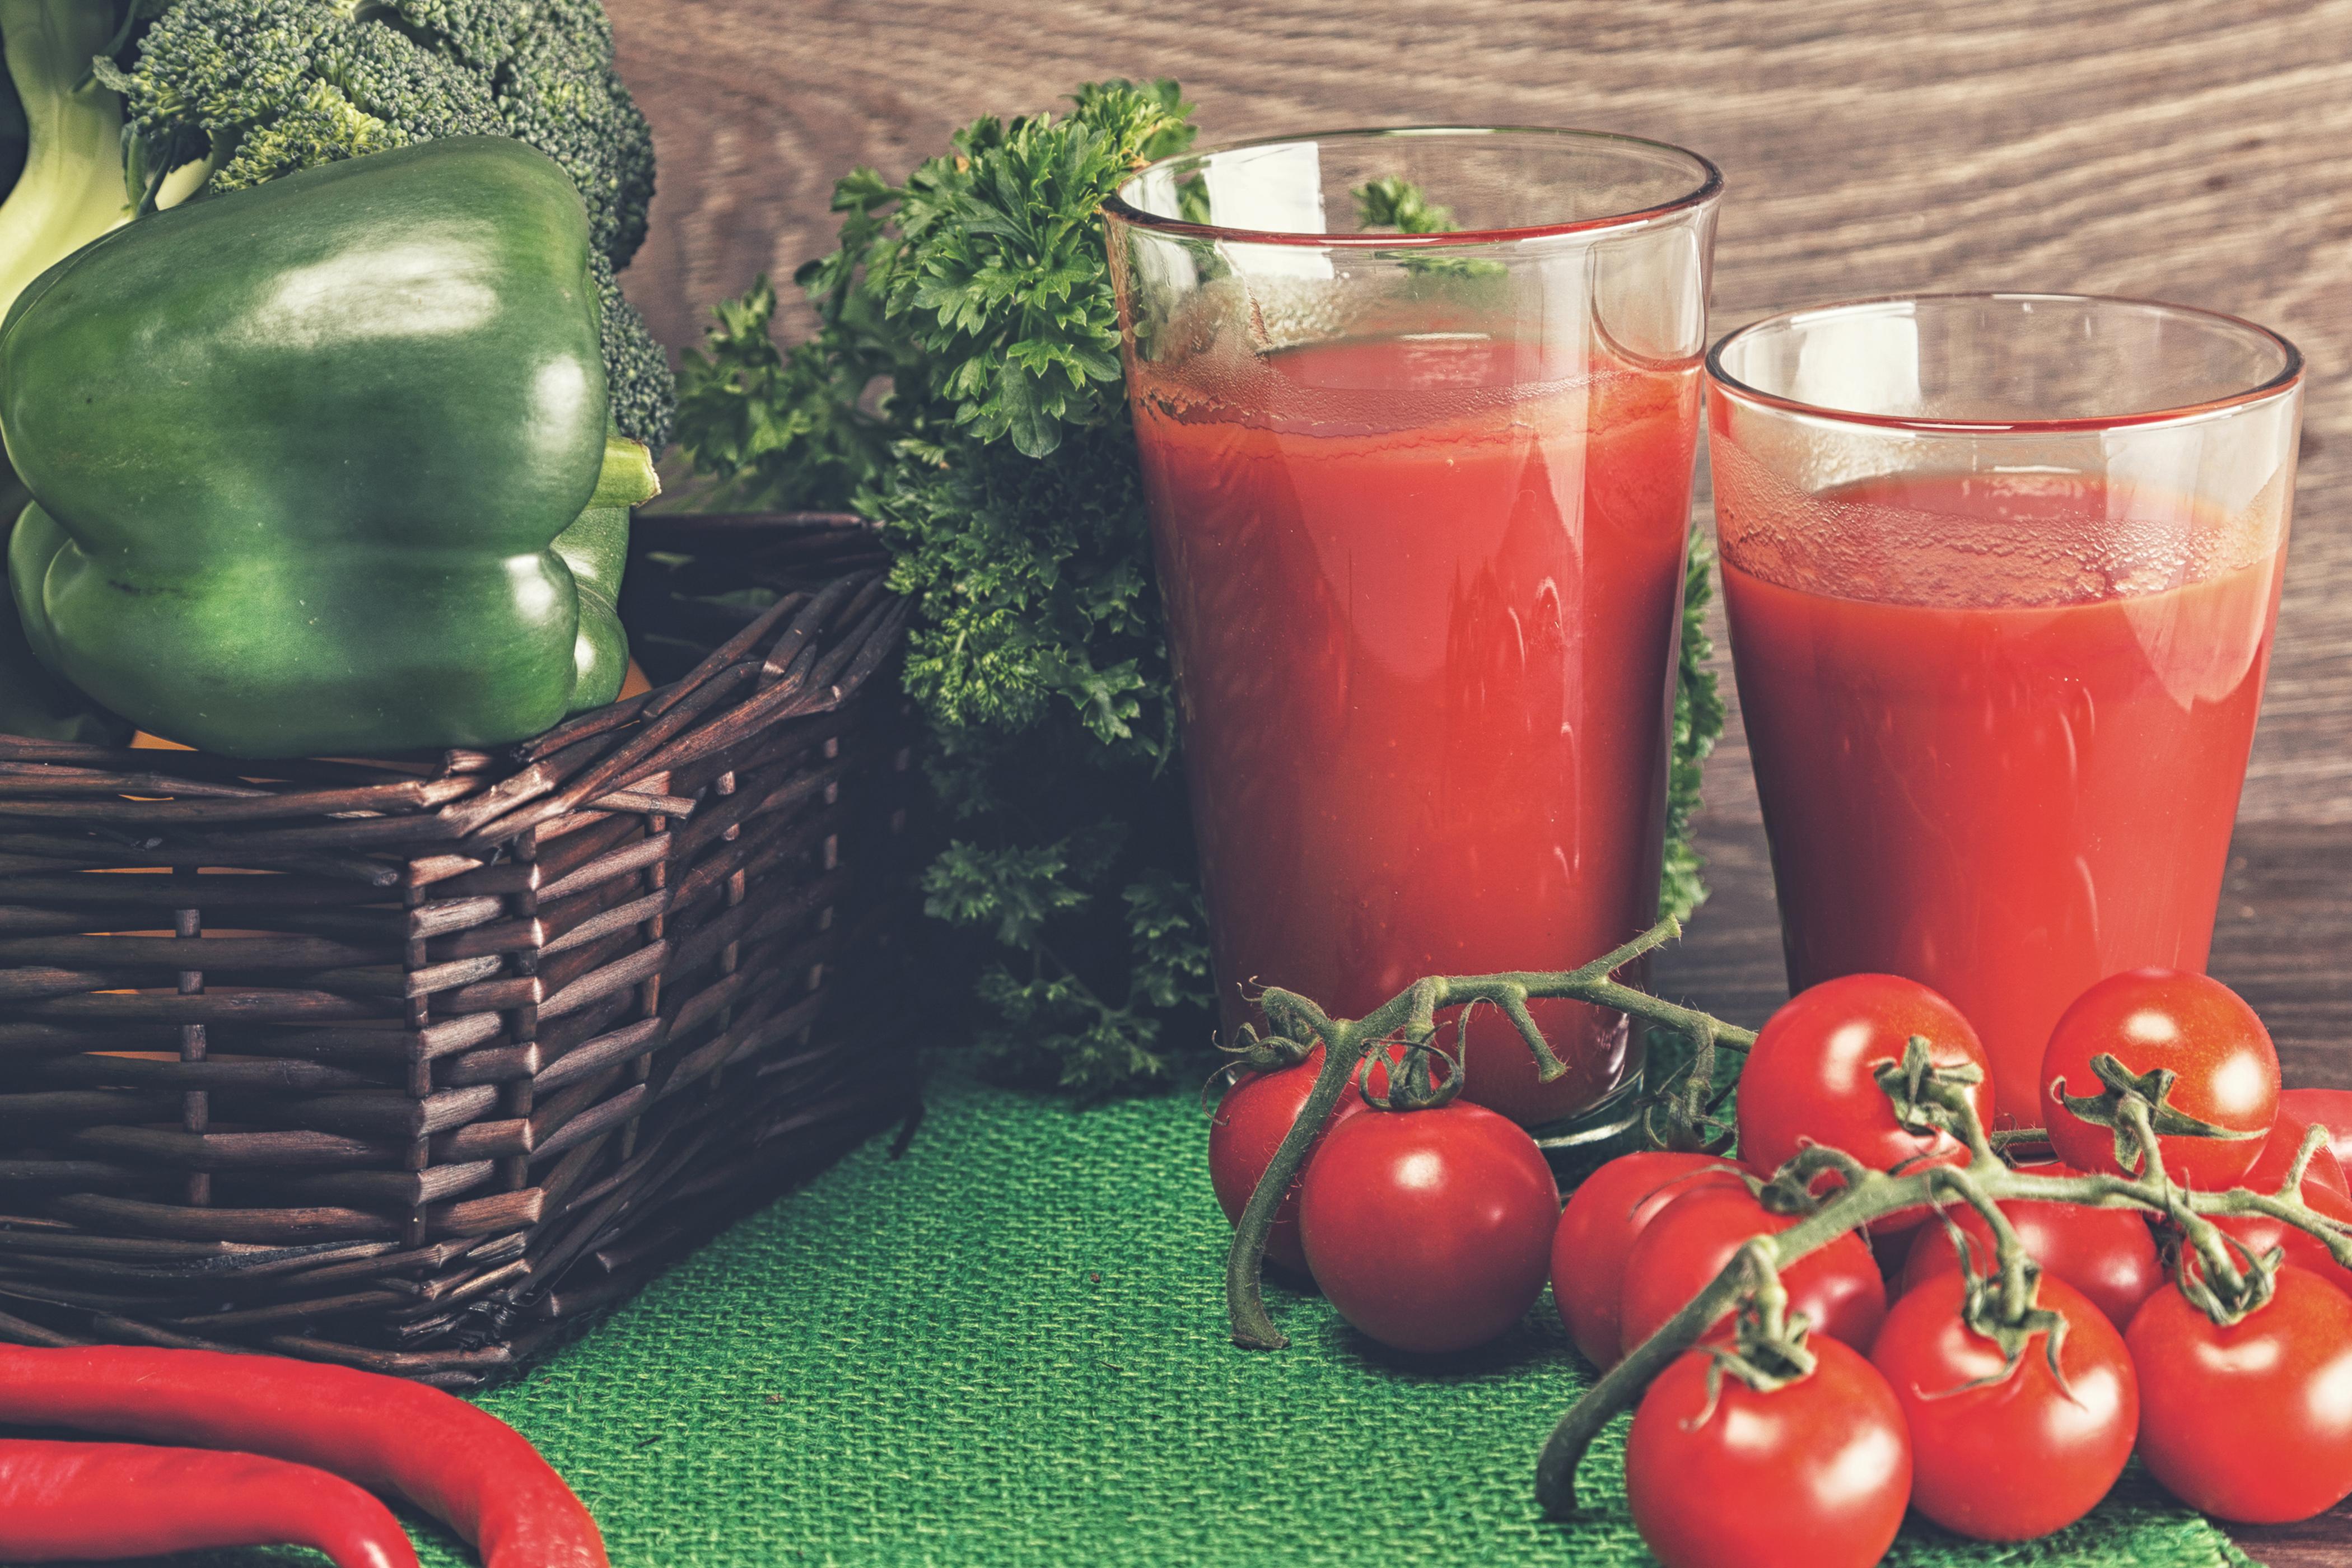 Домашний Томат Для Похудения. Томатный сок для похудения: в чем польза и как пить